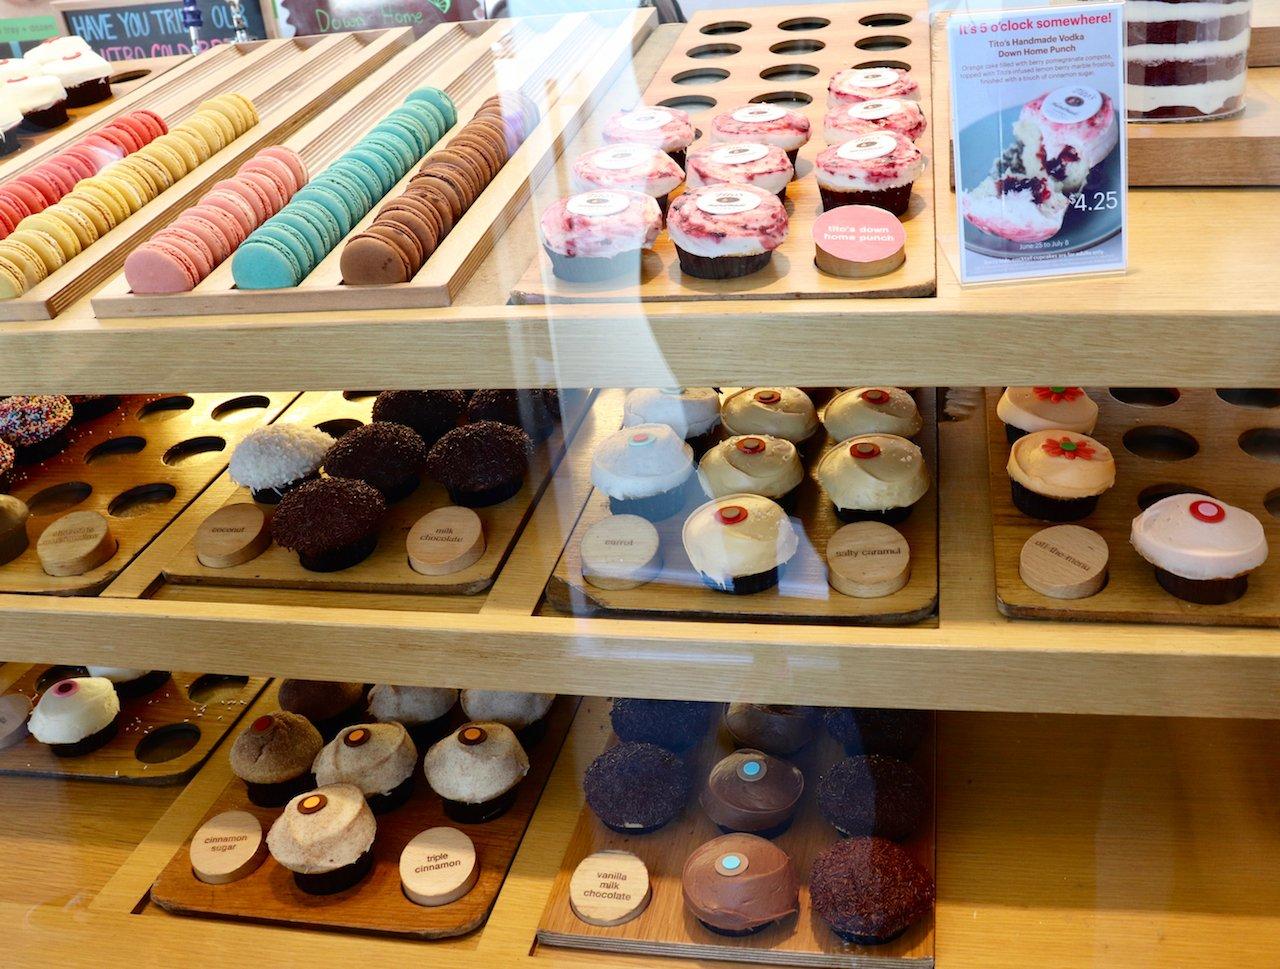 LA Trip Beverly Hills Sprinkles Cupcakes